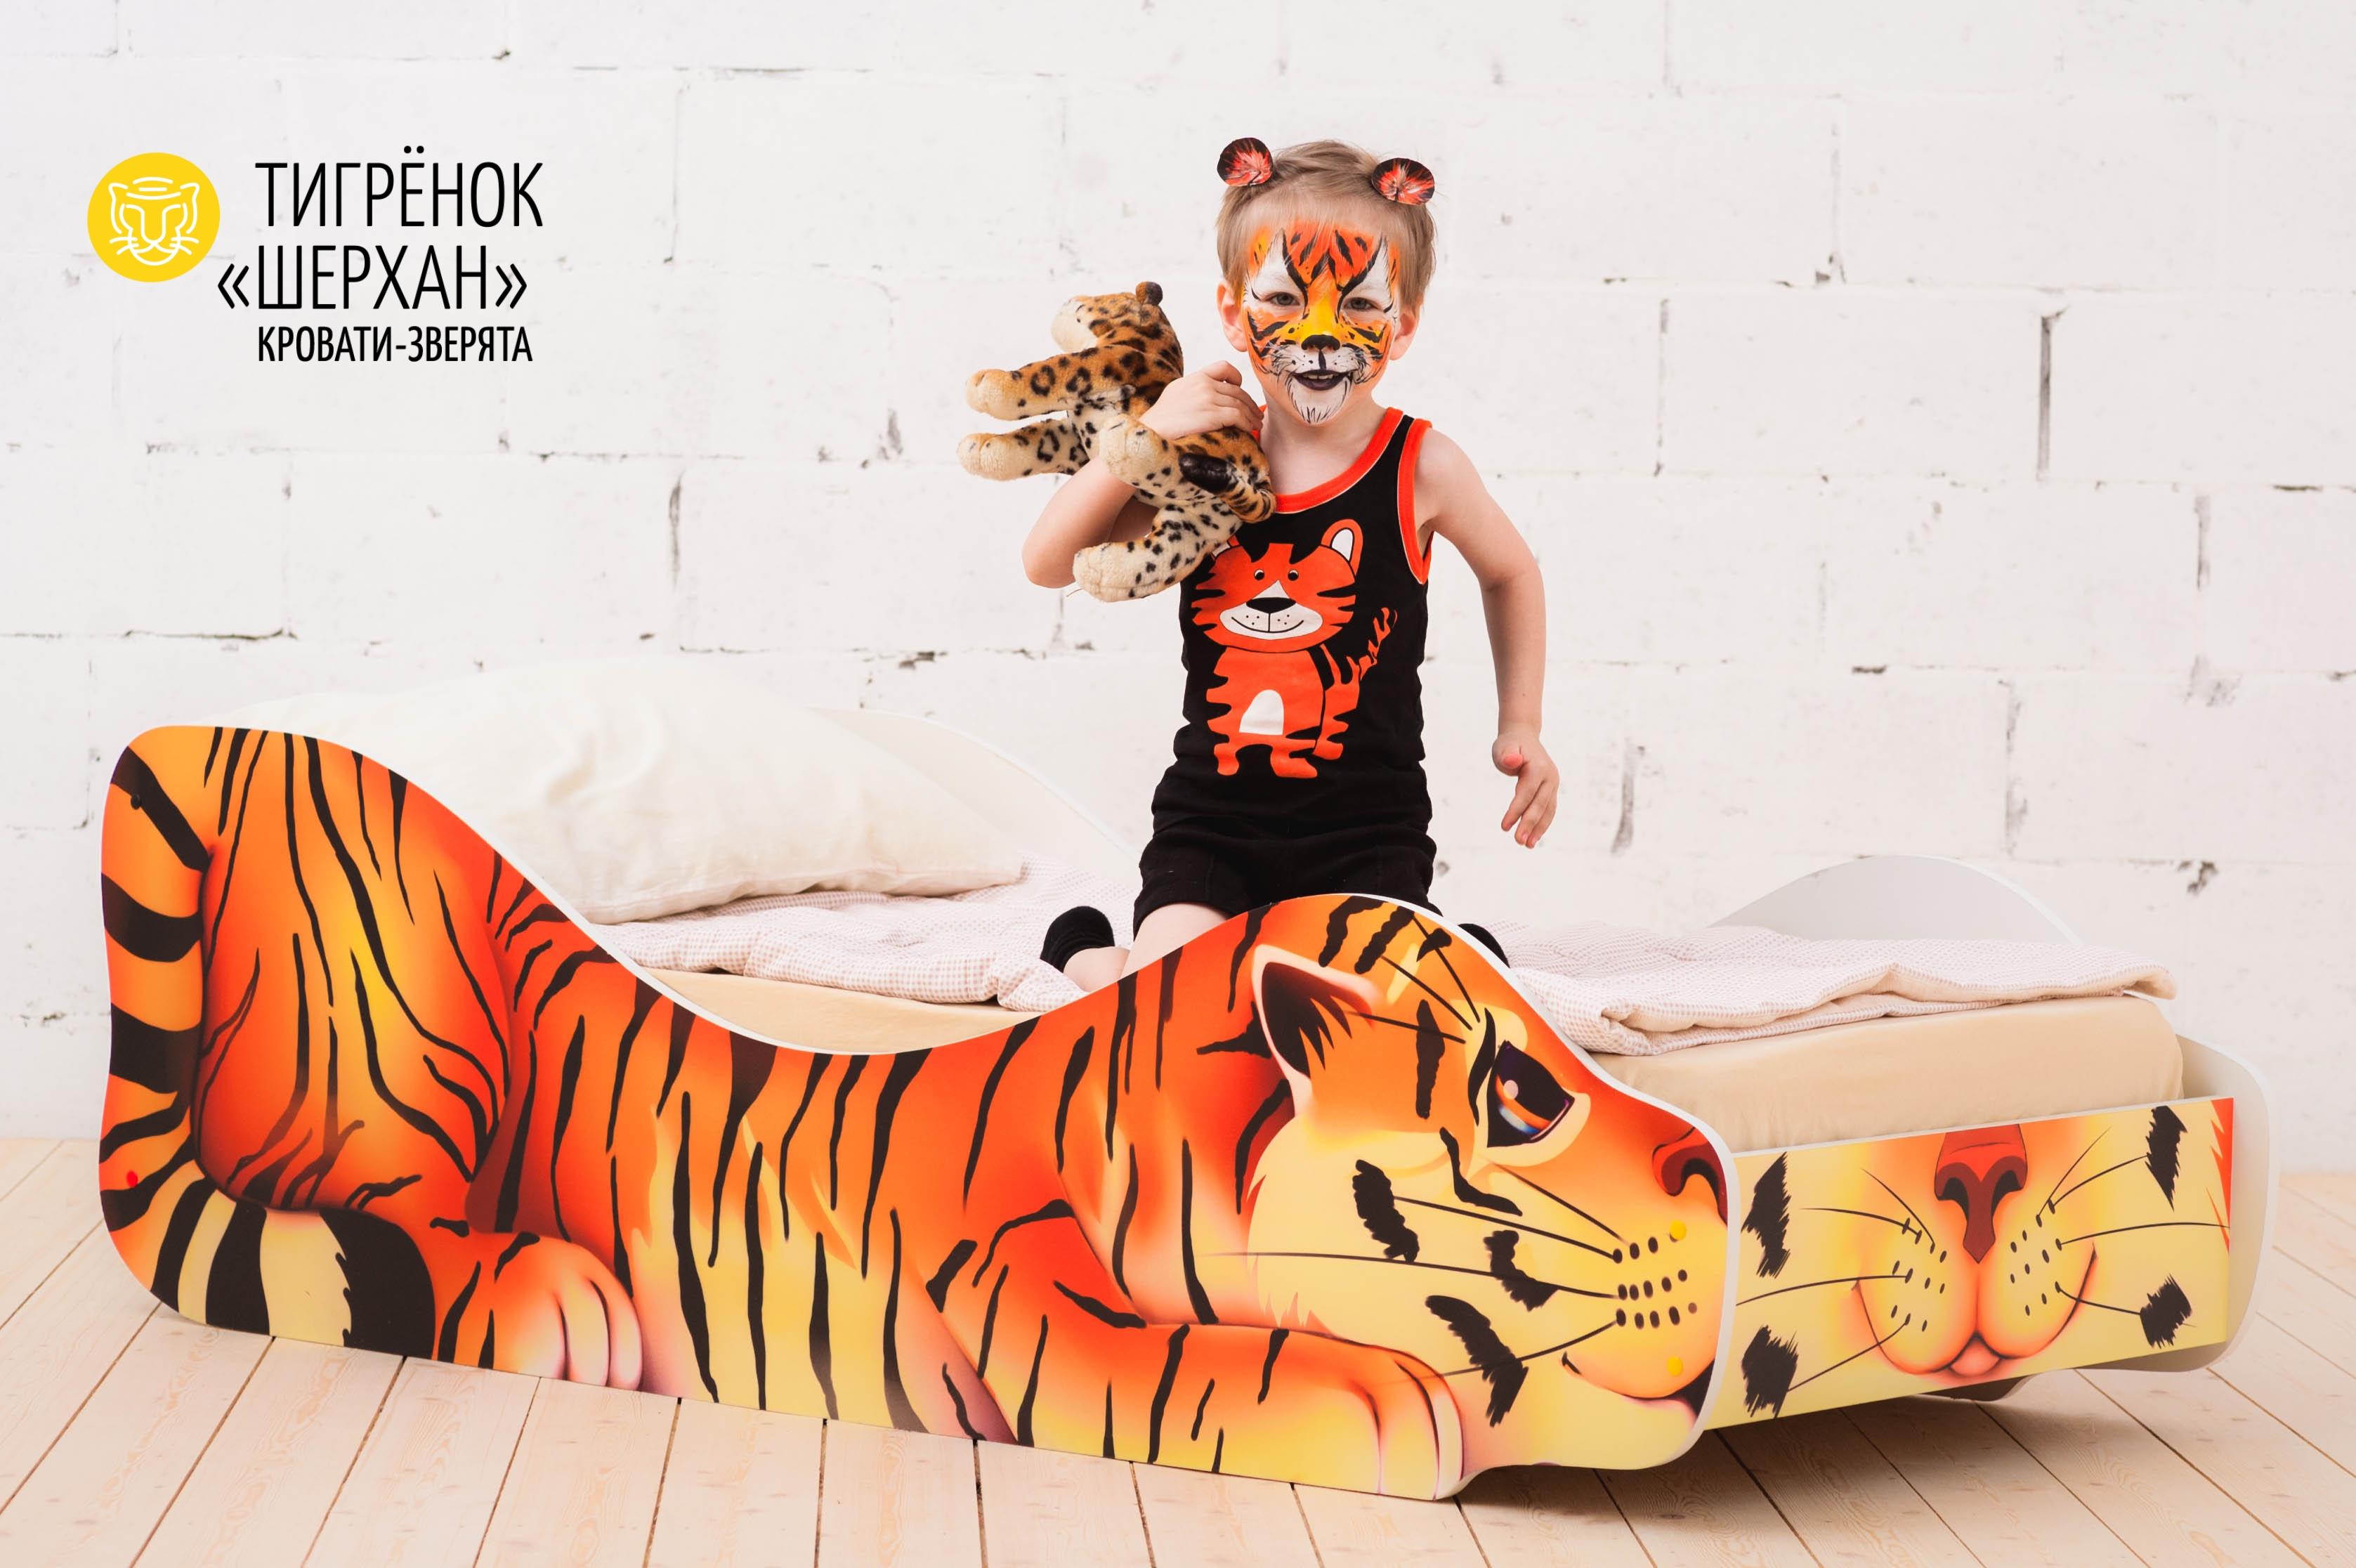 Детская кровать-зверенок -Тигренок-Шерхан-16